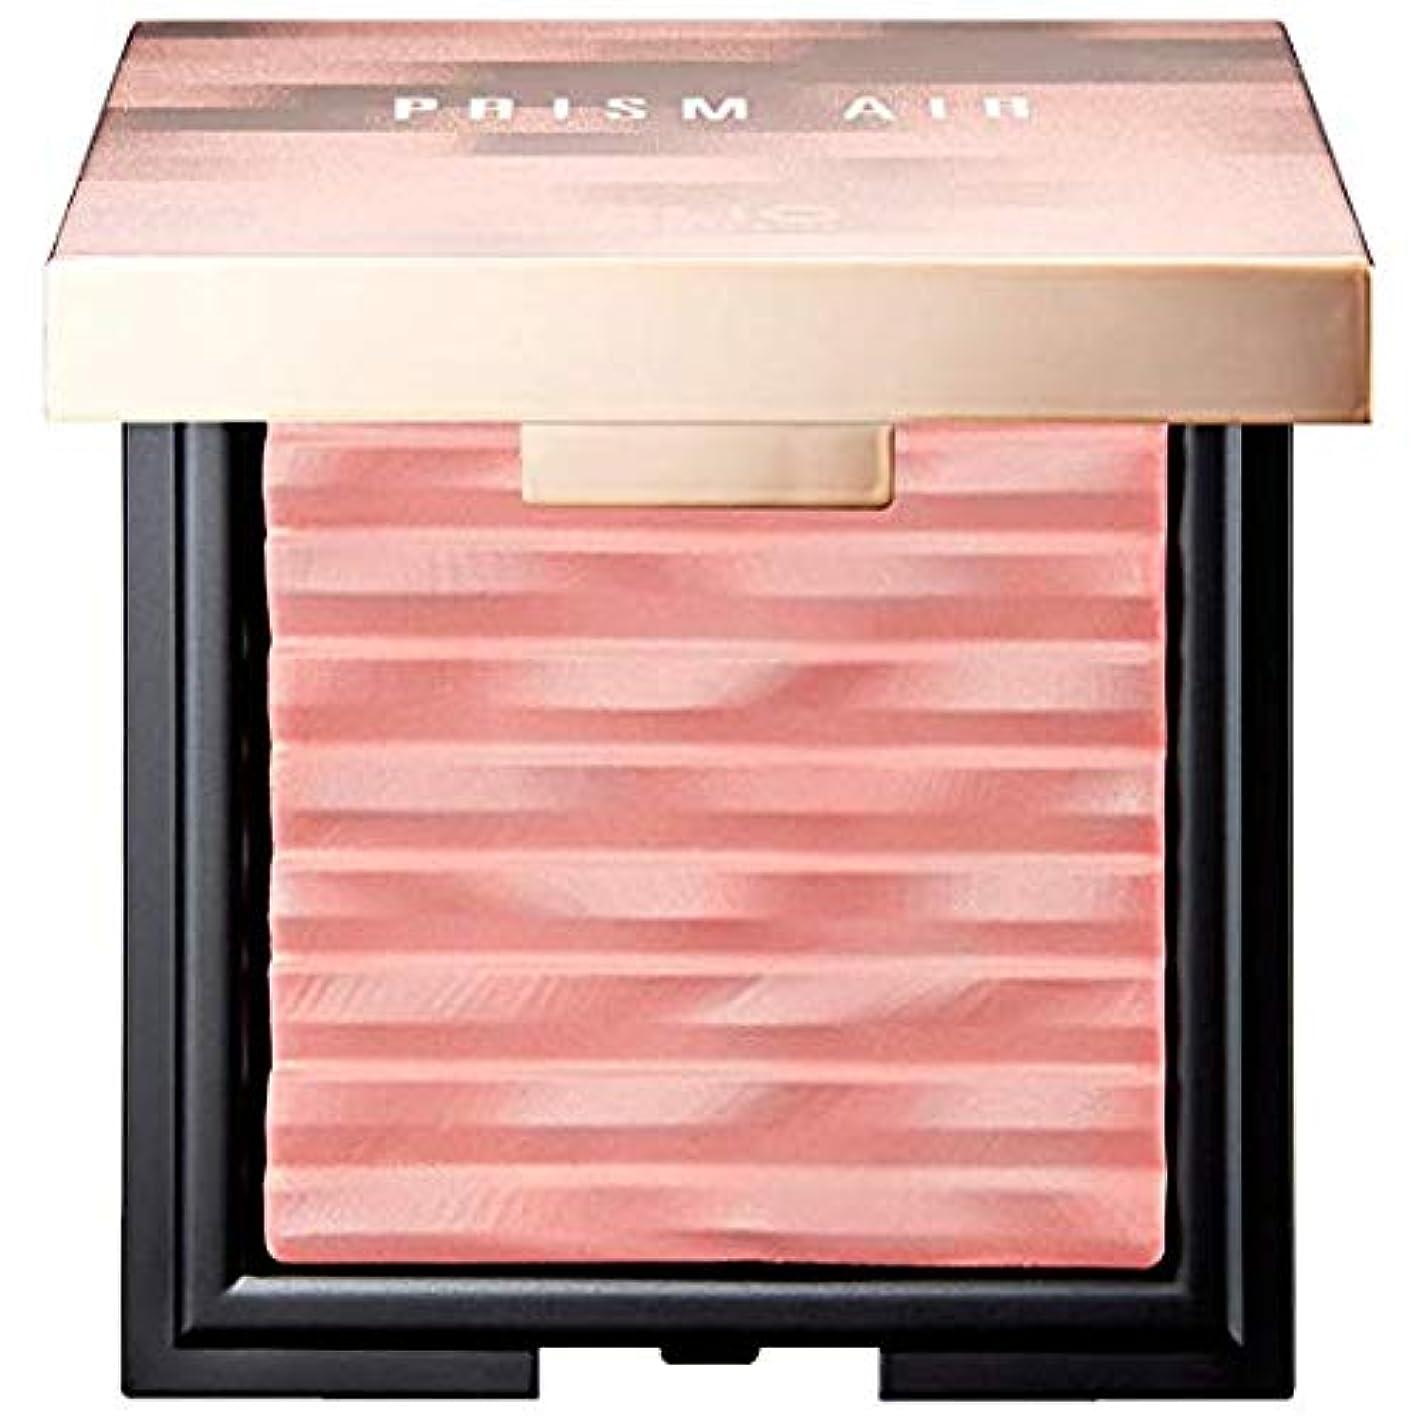 穏やかなミュウミュウ焦がすClio Prism Air Blusher クリオプリズムエアブラッシャー (#01 Muted Pink) [海外直送品]